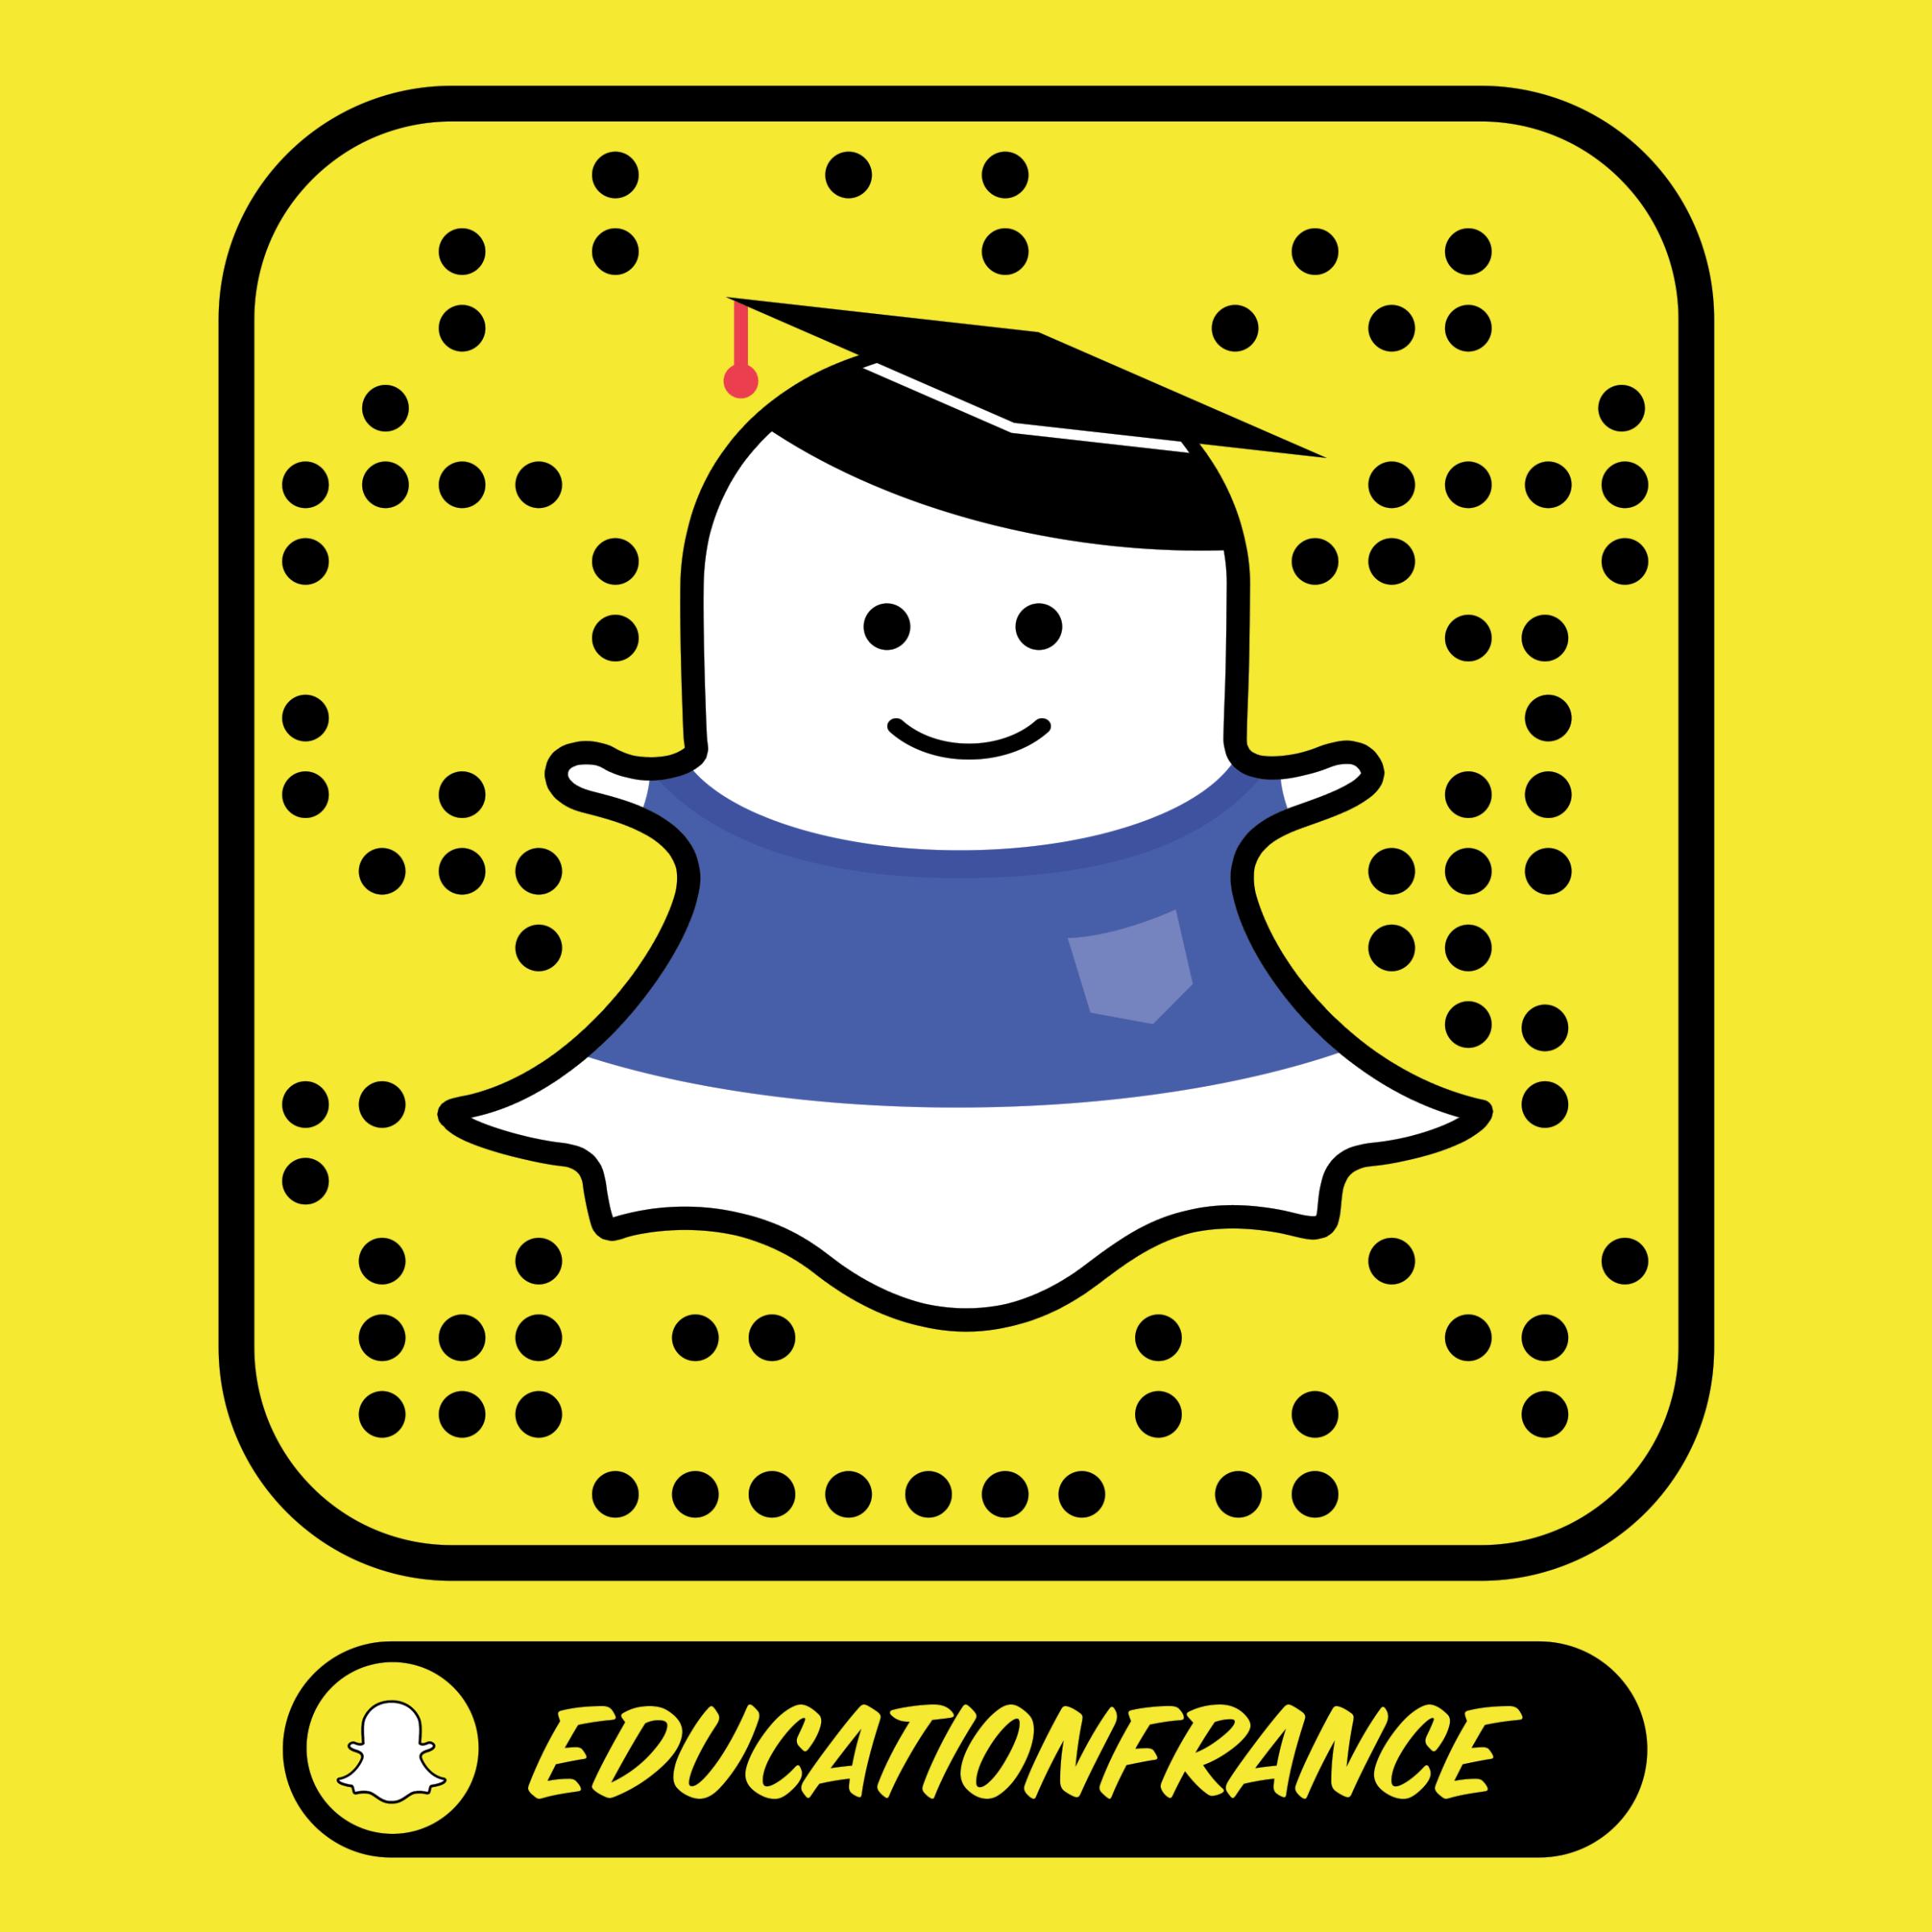 #DéfiSnapBac : Le défi Snapchat de l'Éducation nationale